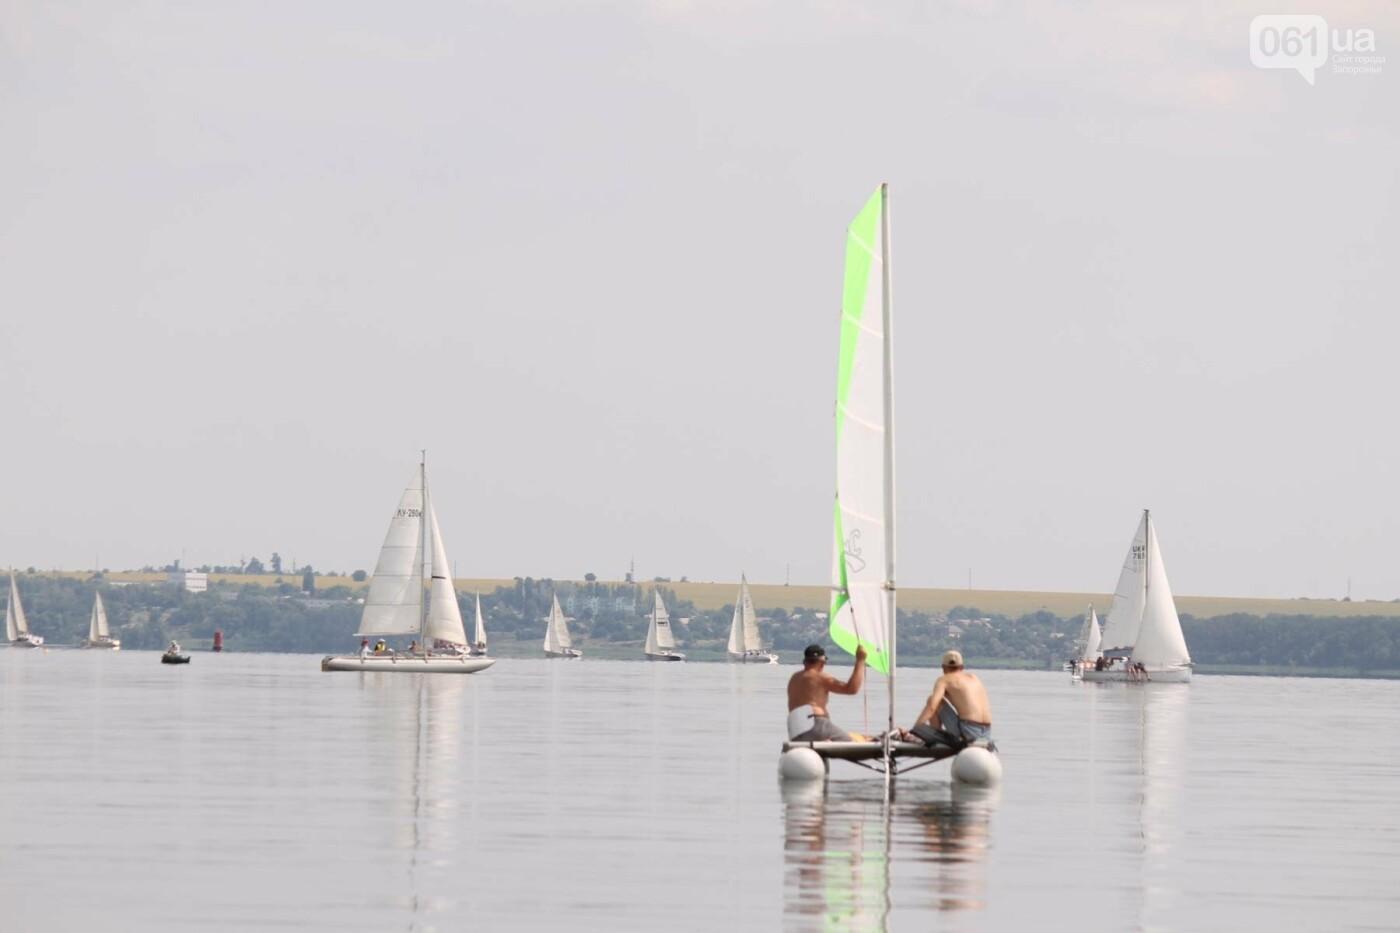 Сотни спортсменов и десятки яхт: как в Запорожье проходит парусная регата, – ФОТОРЕПОРТАЖ, фото-11